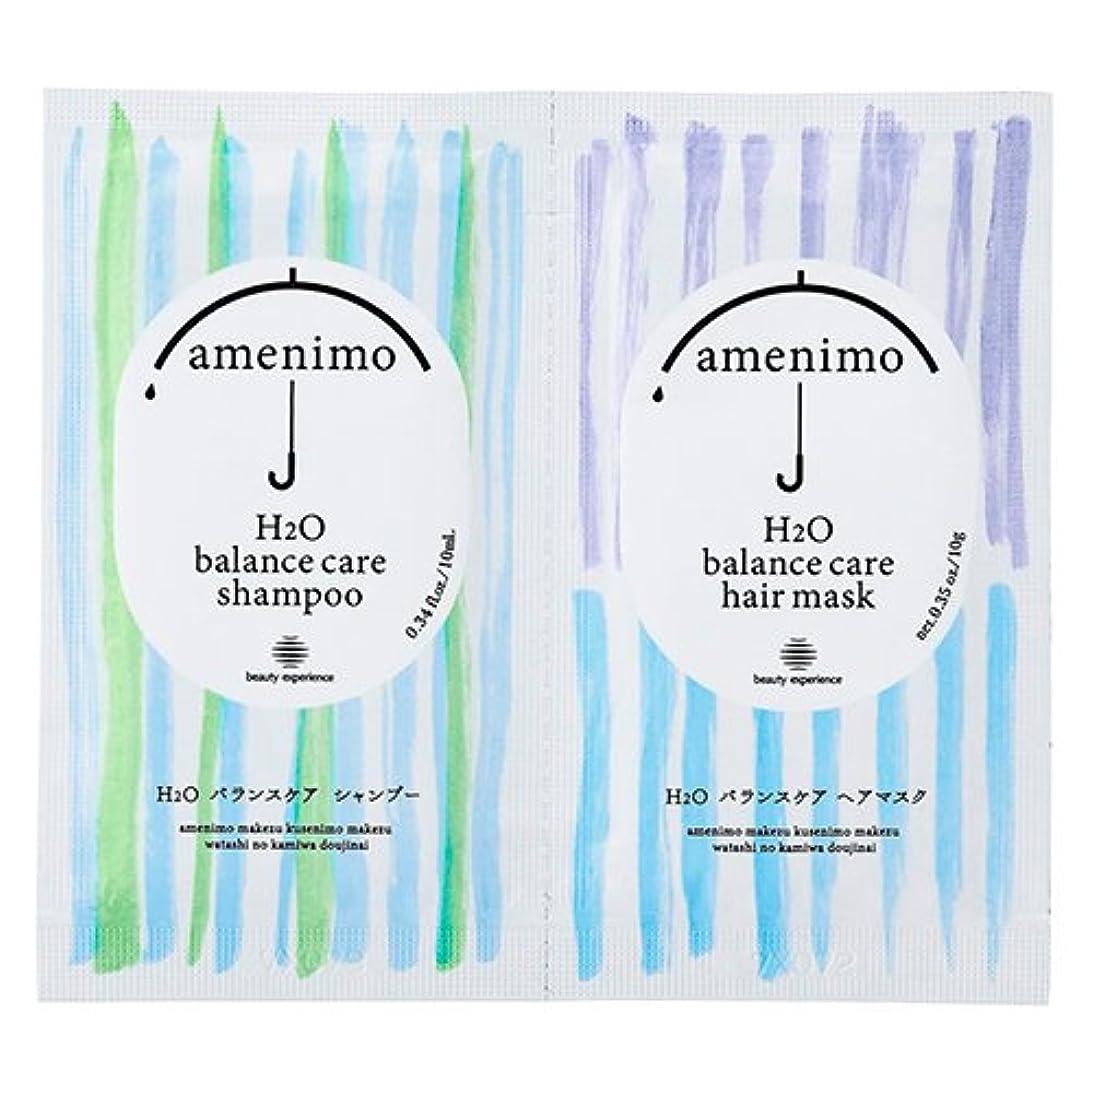 規定作りわずかなamenimo(アメニモ) H2O バランスケア シャンプー&ヘアマスク 1dayお試し 10mL+10g